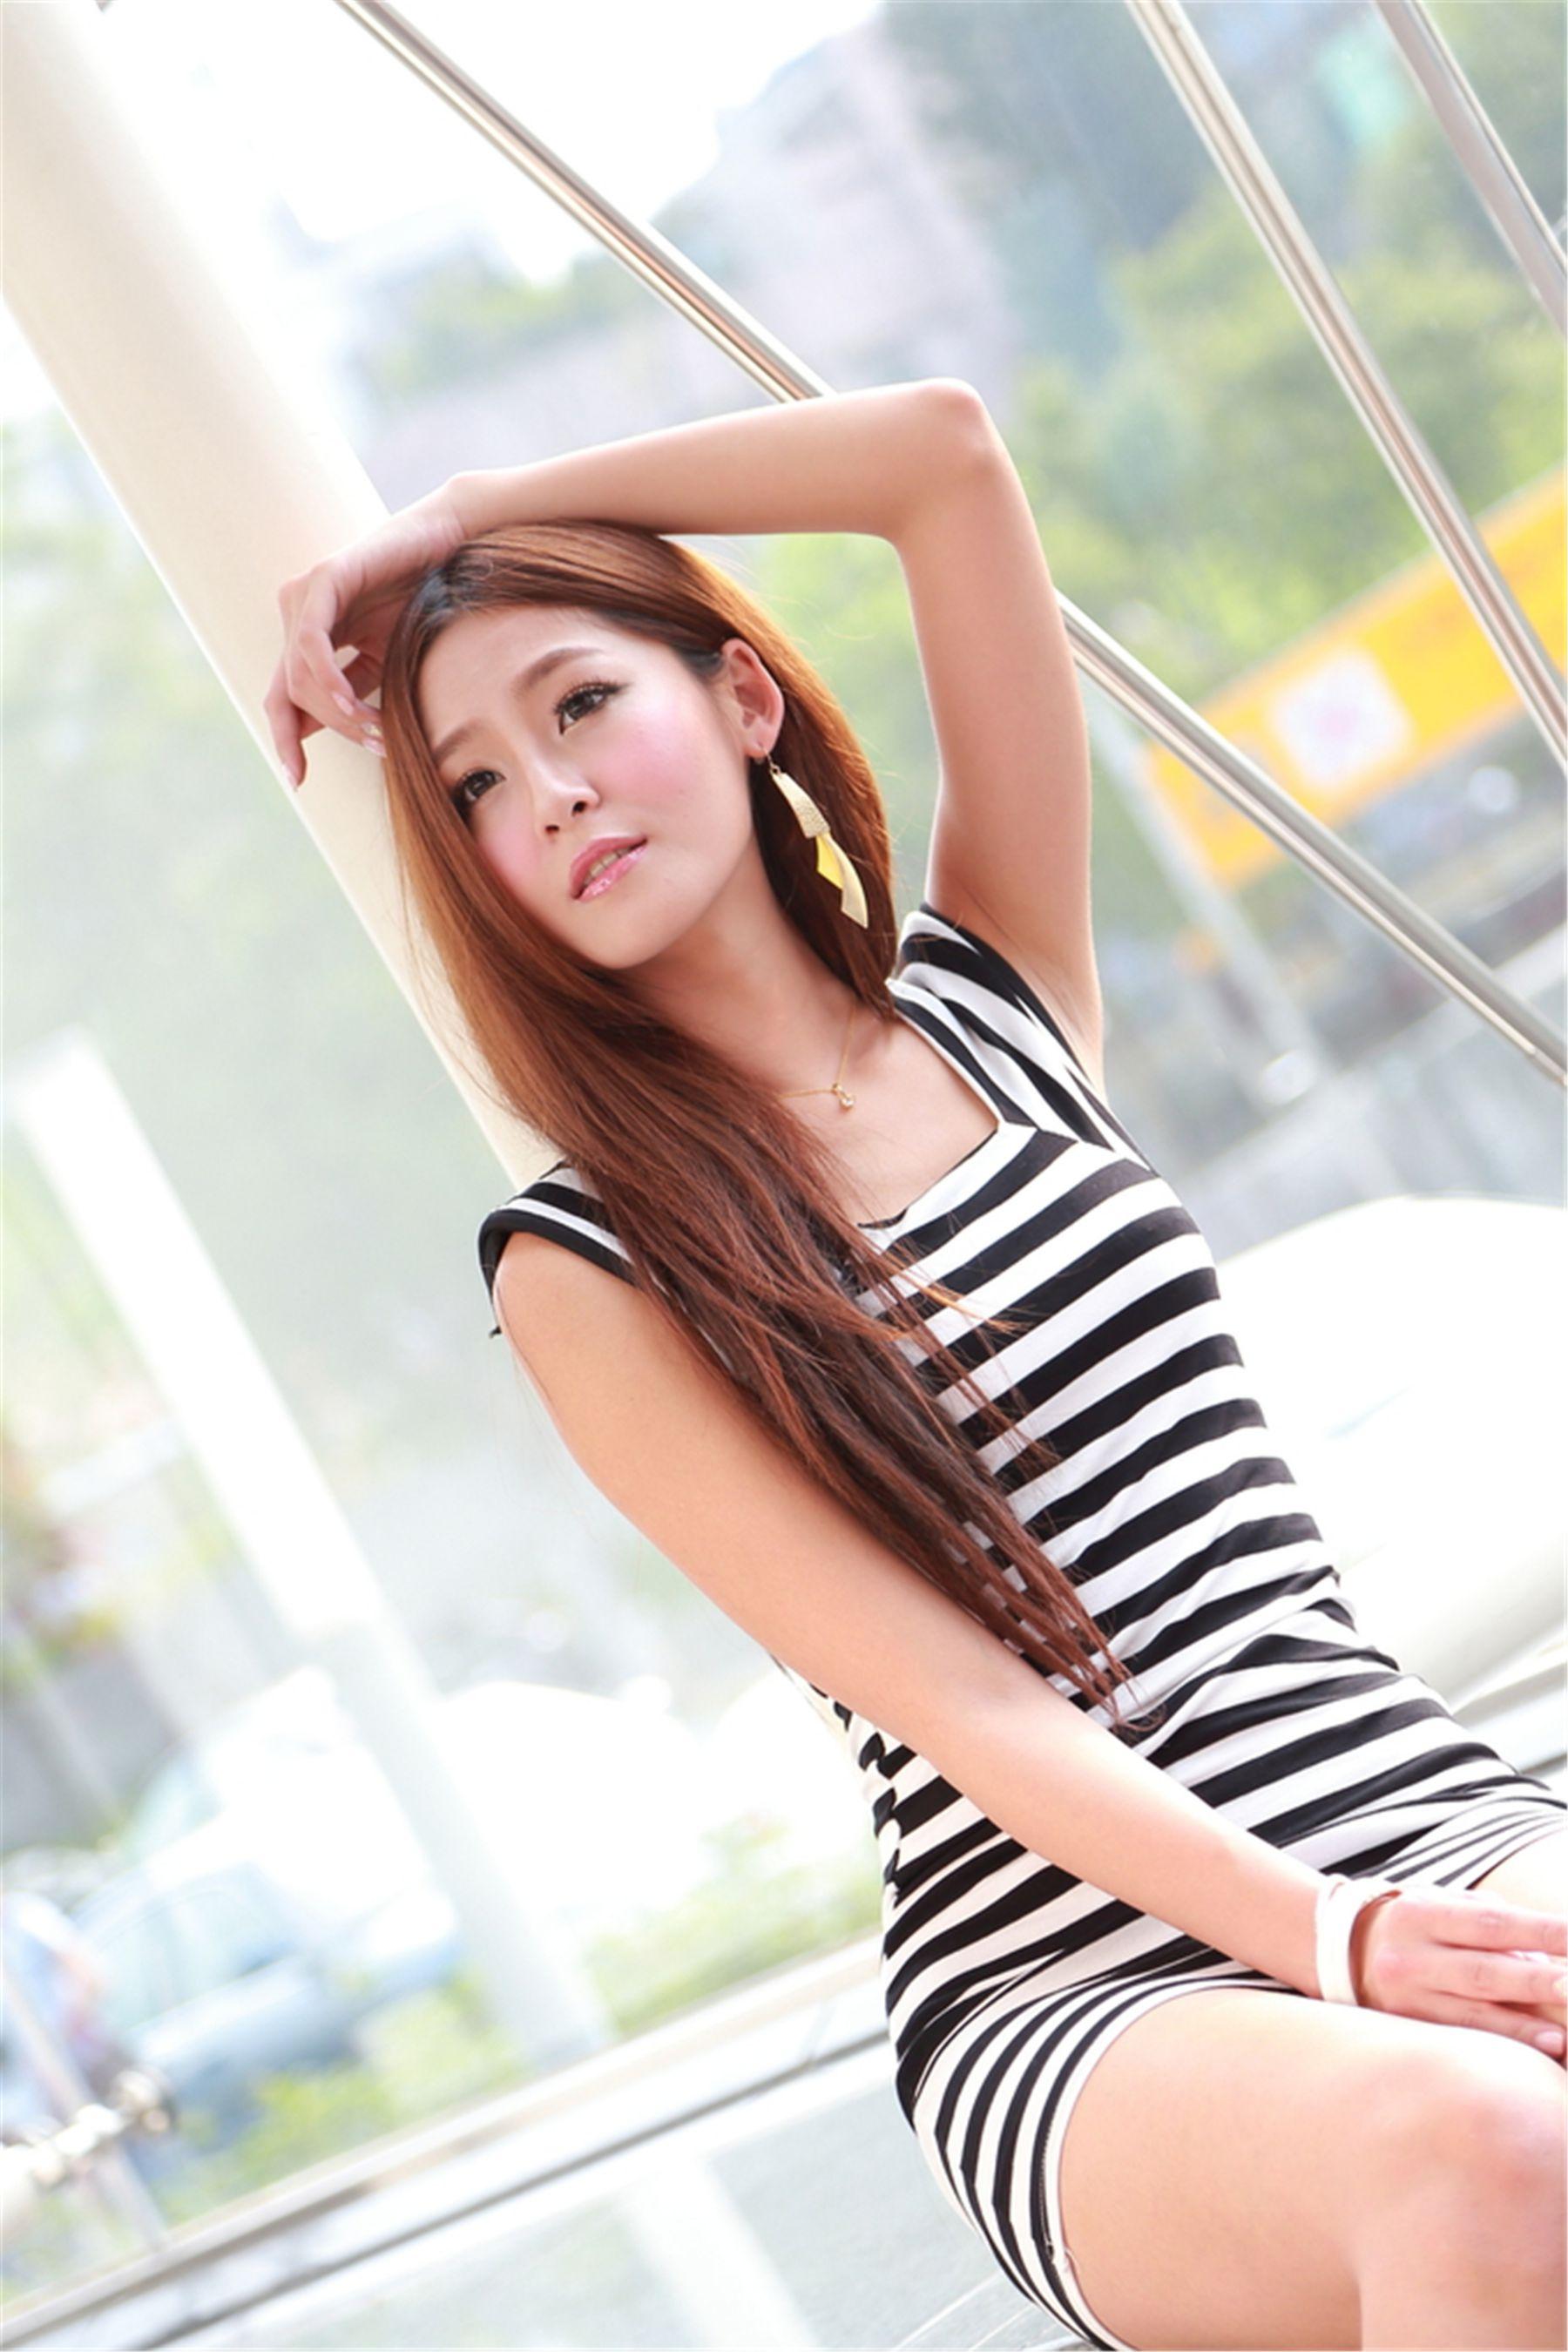 VOL.628 [台湾正妹]超短裙街拍包臀裙美女:Winnie小雪(庄咏惠,庄温妮,腿模Winnie)高品质写真套图(50P)